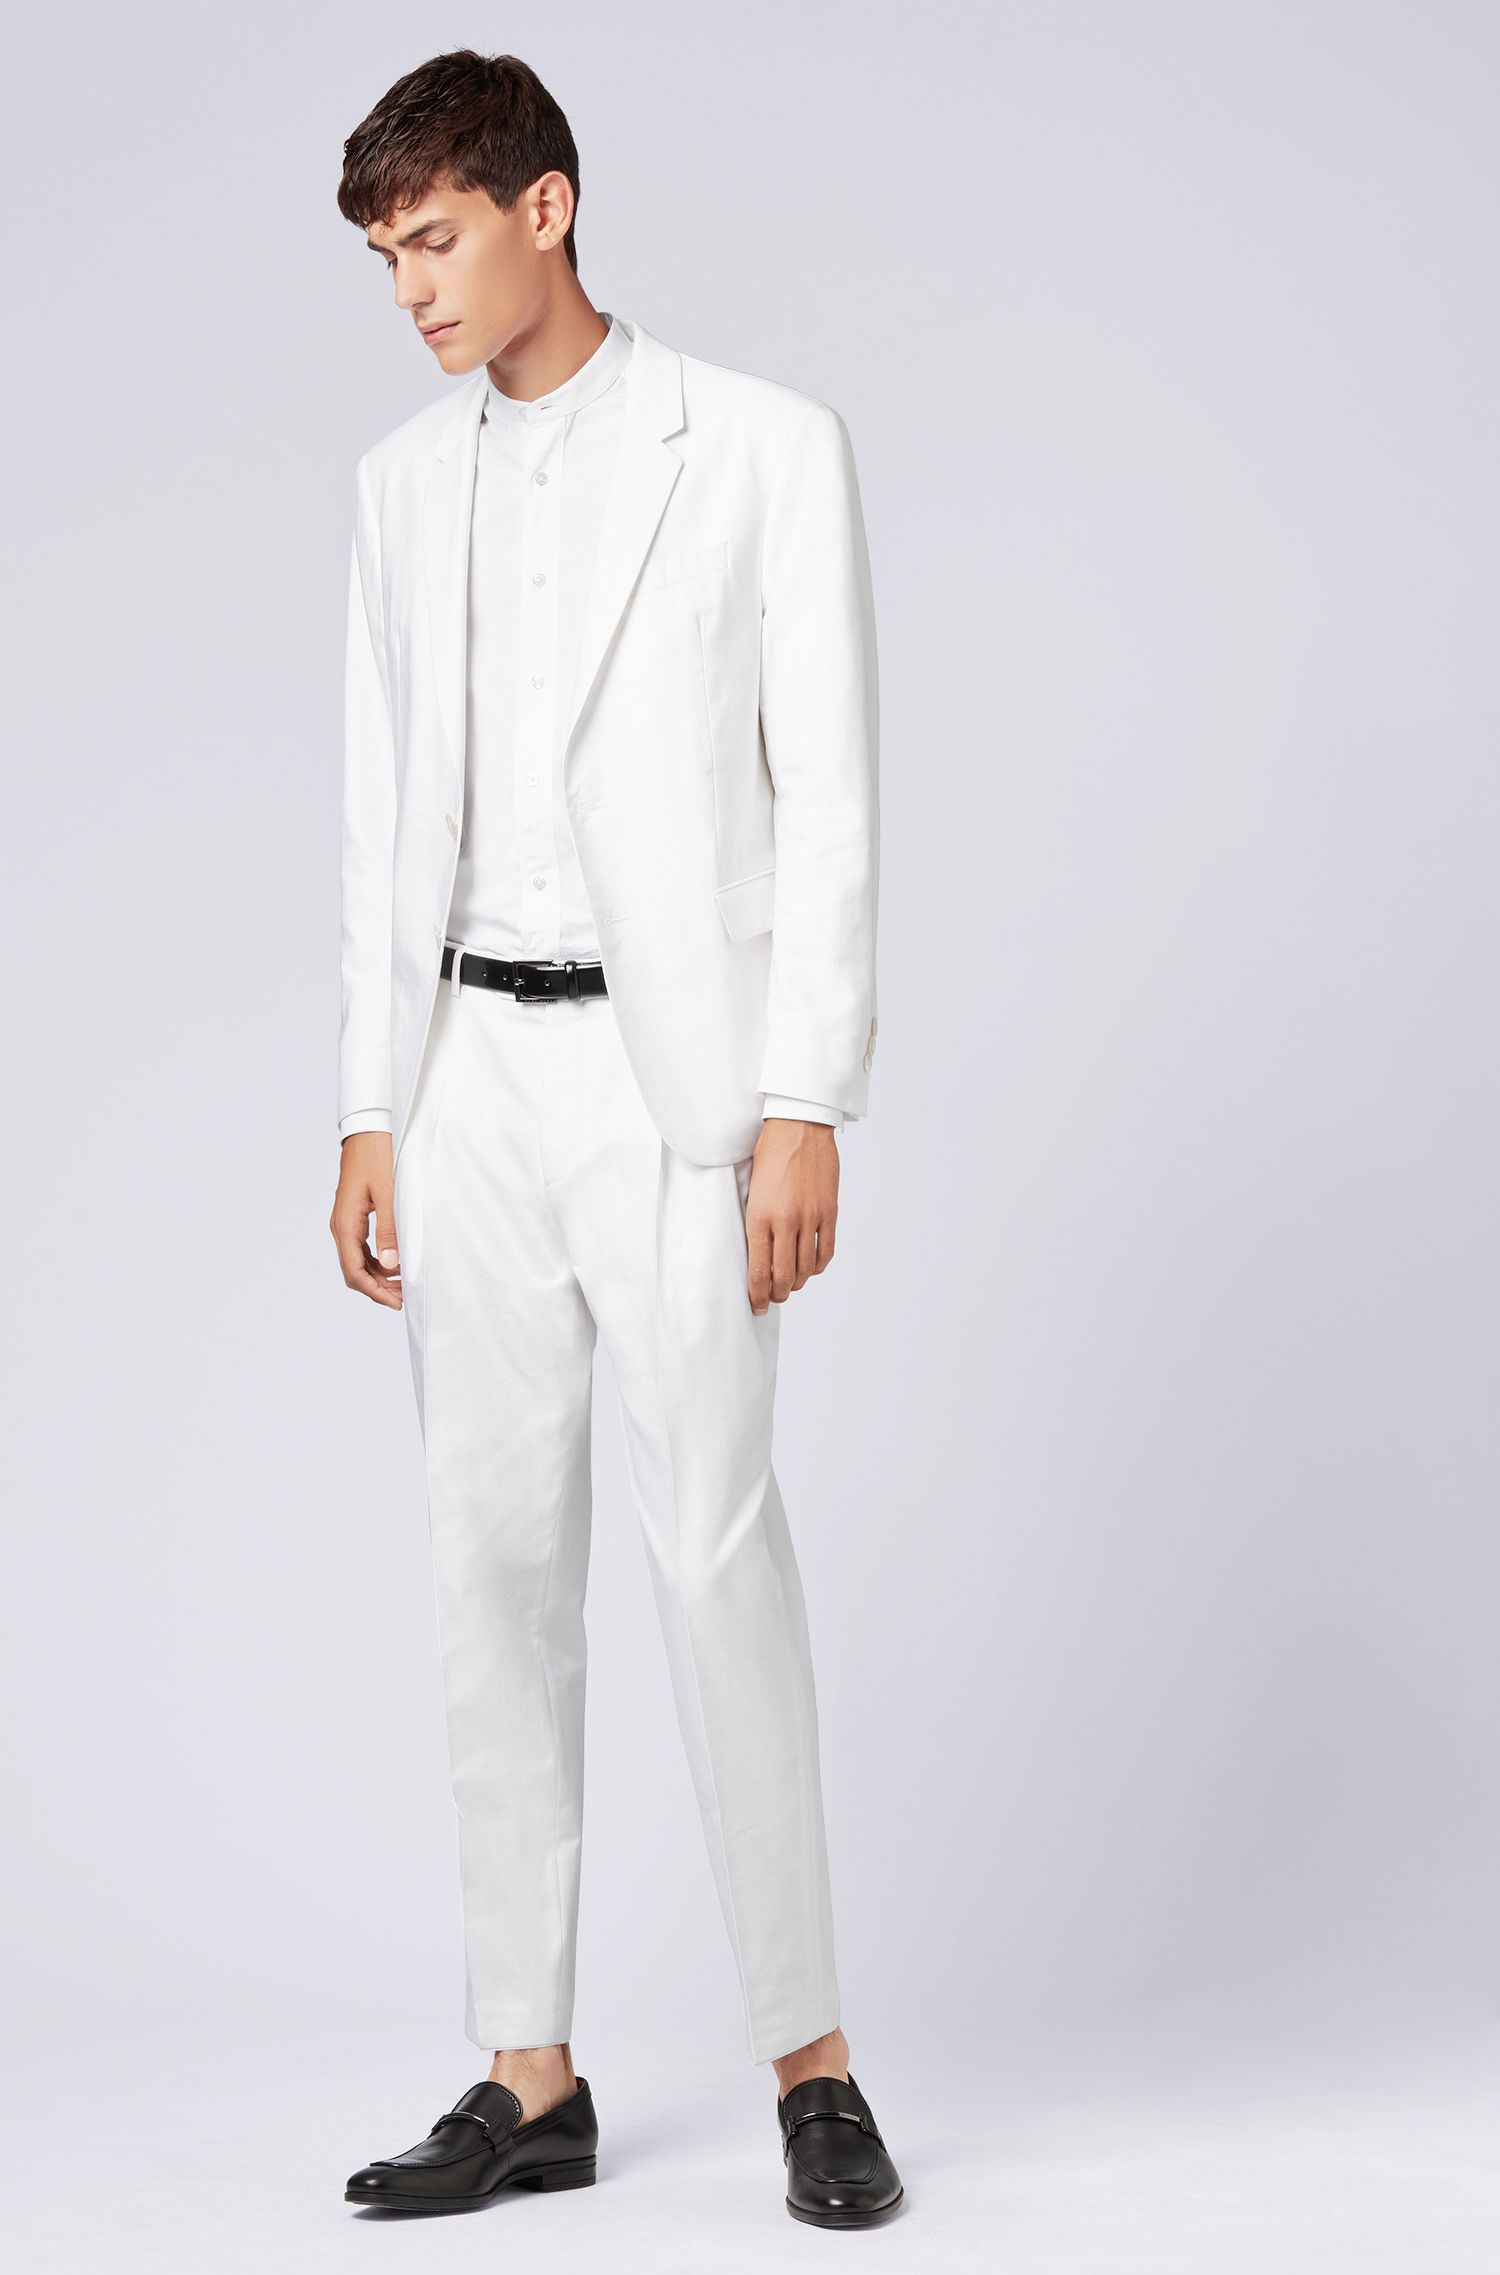 Edizione Limitata: Iconico abito bianco, Bianco